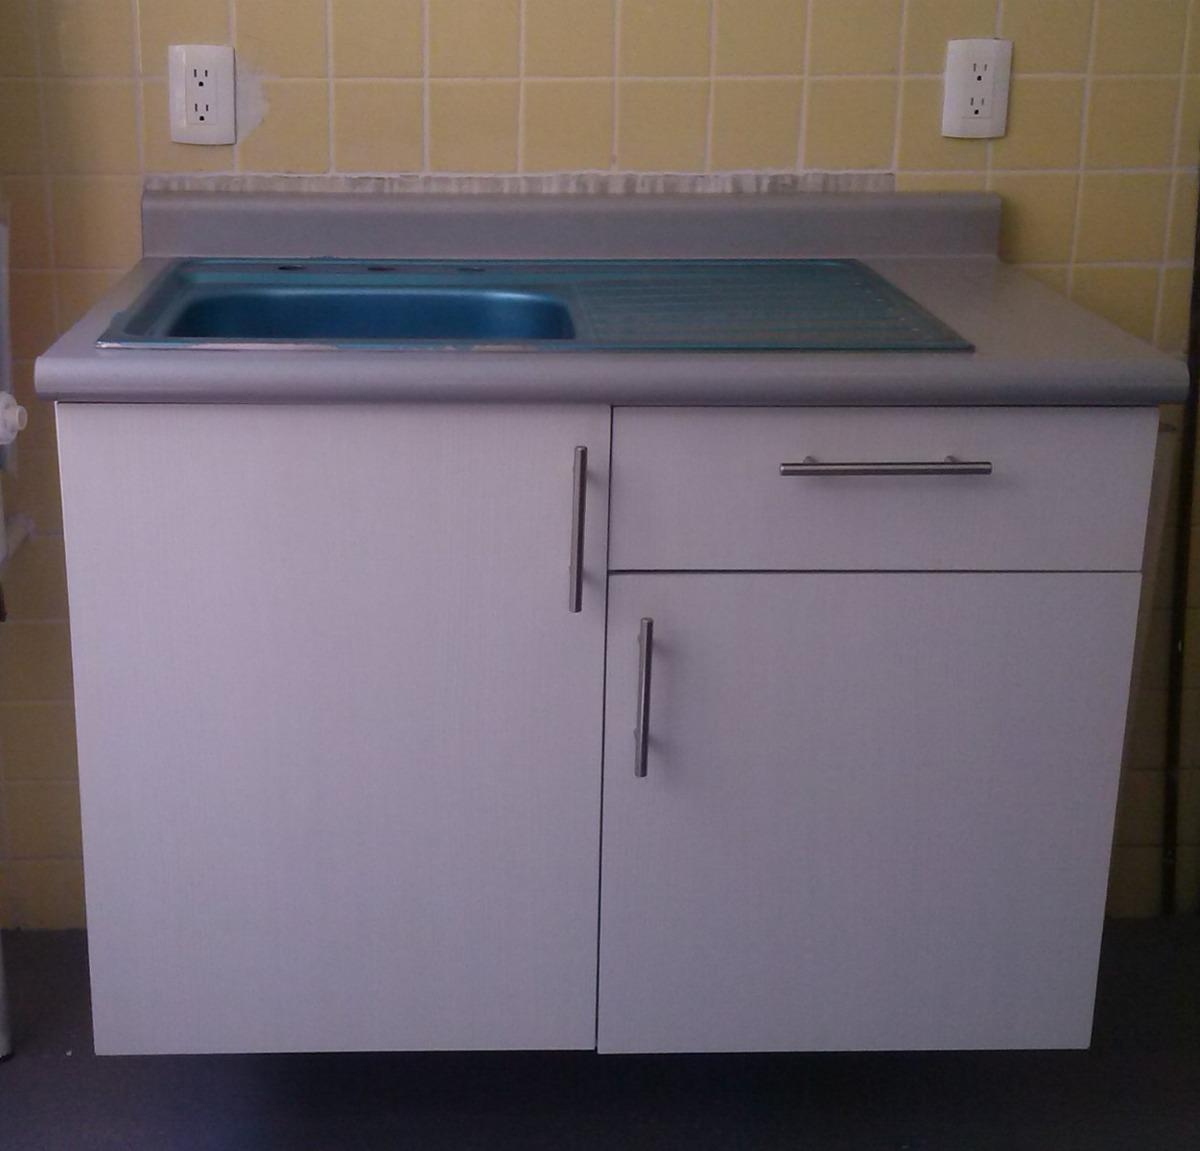 Mueble para fregadero con tarja para cocina integral vv4 for Muebles para una cocina